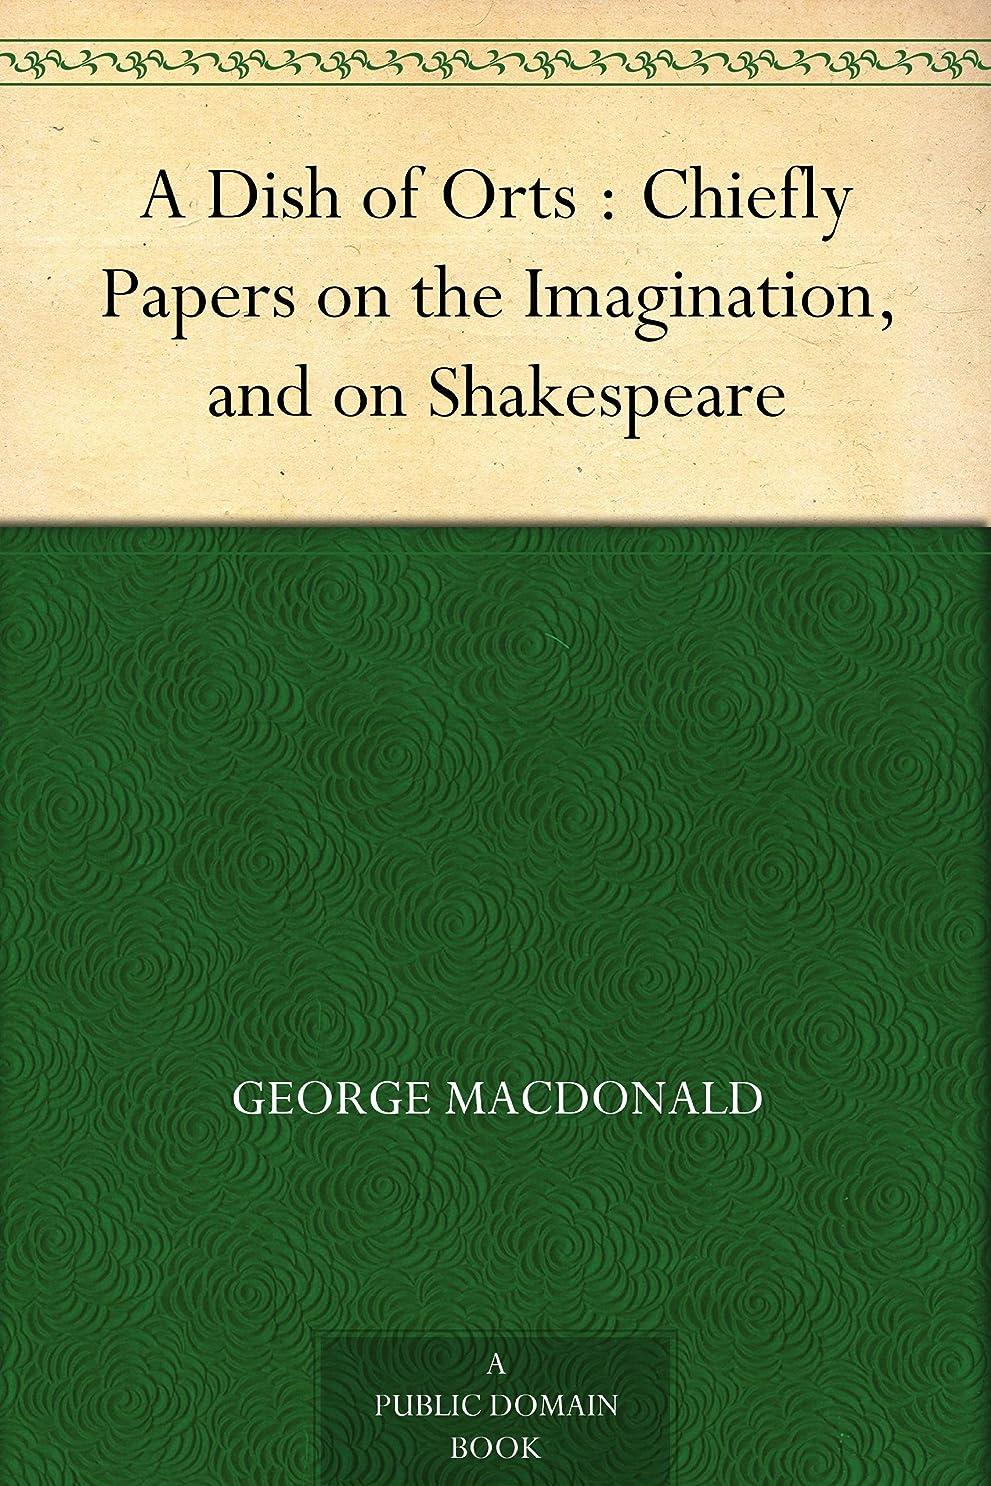 パトロールライバル権限A Dish of Orts : Chiefly Papers on the Imagination, and on Shakespeare (English Edition)